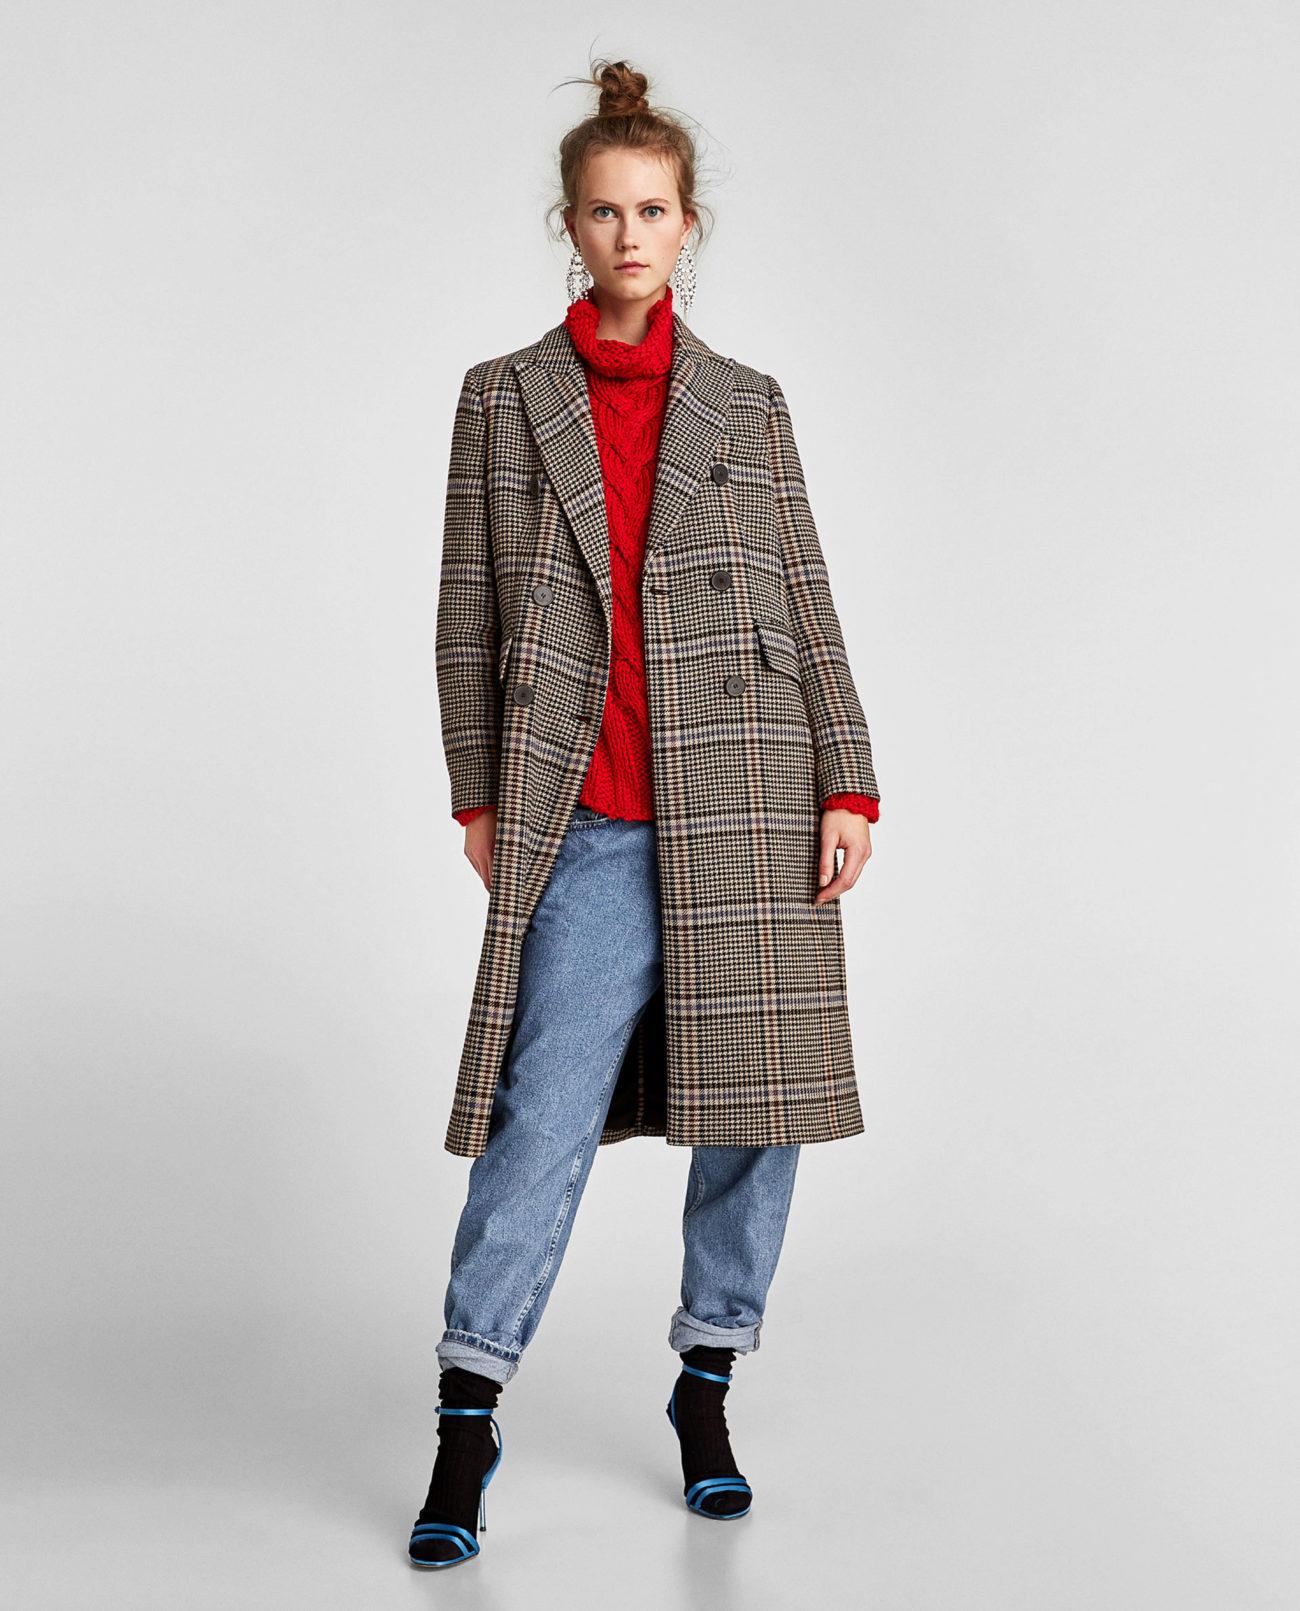 nuevo estilo 26600 3e08c A cuadros | Zara tiene los 15 abrigos de la temporada |...